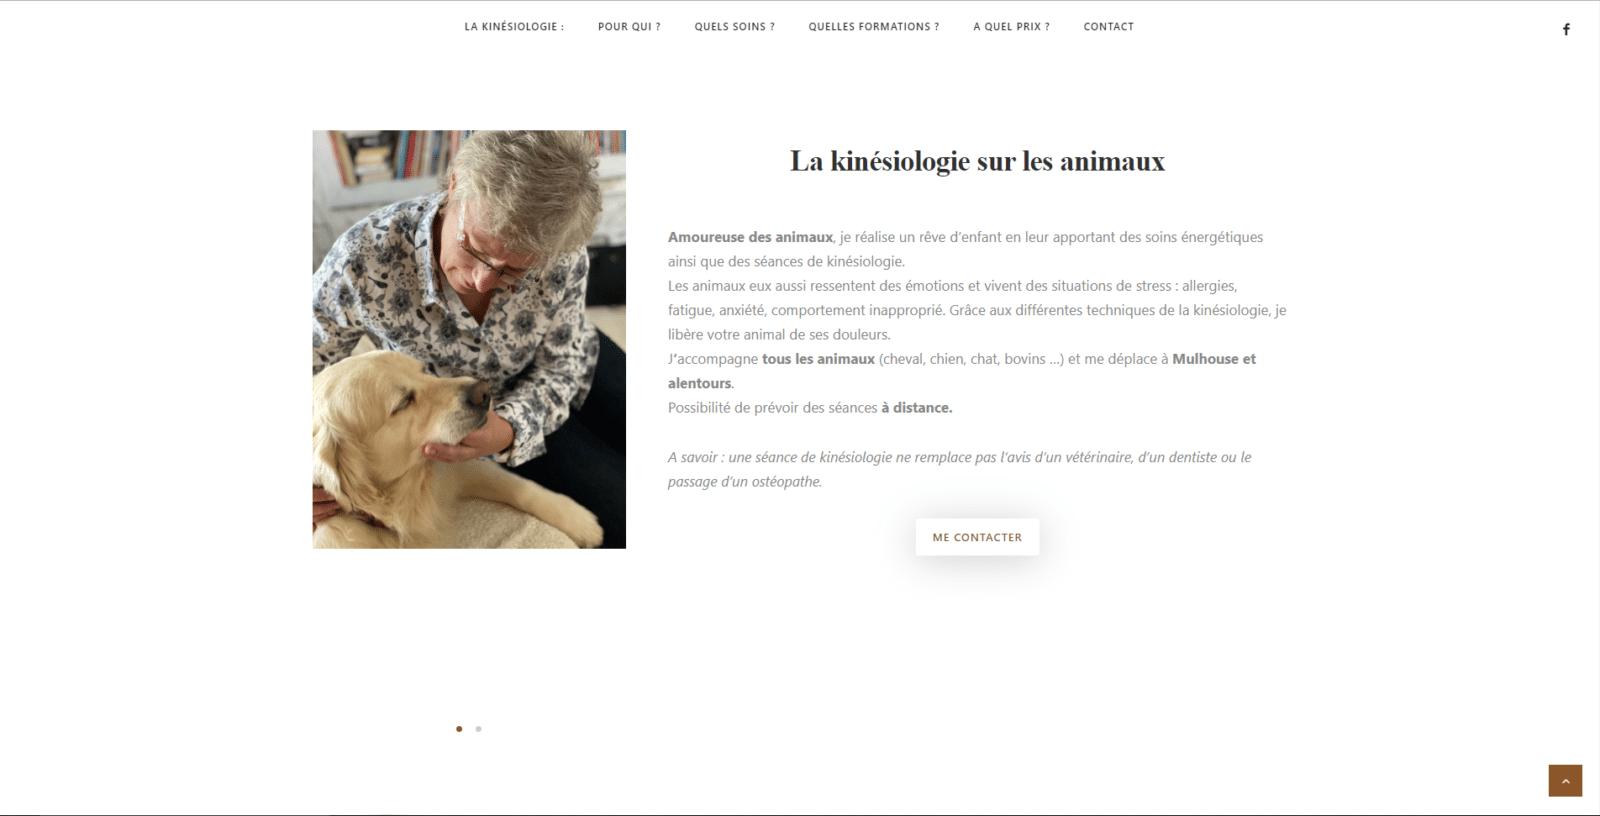 Sylvie Lienert est une cliente de l'agence web Karedess, agence web situé à Mulhouse